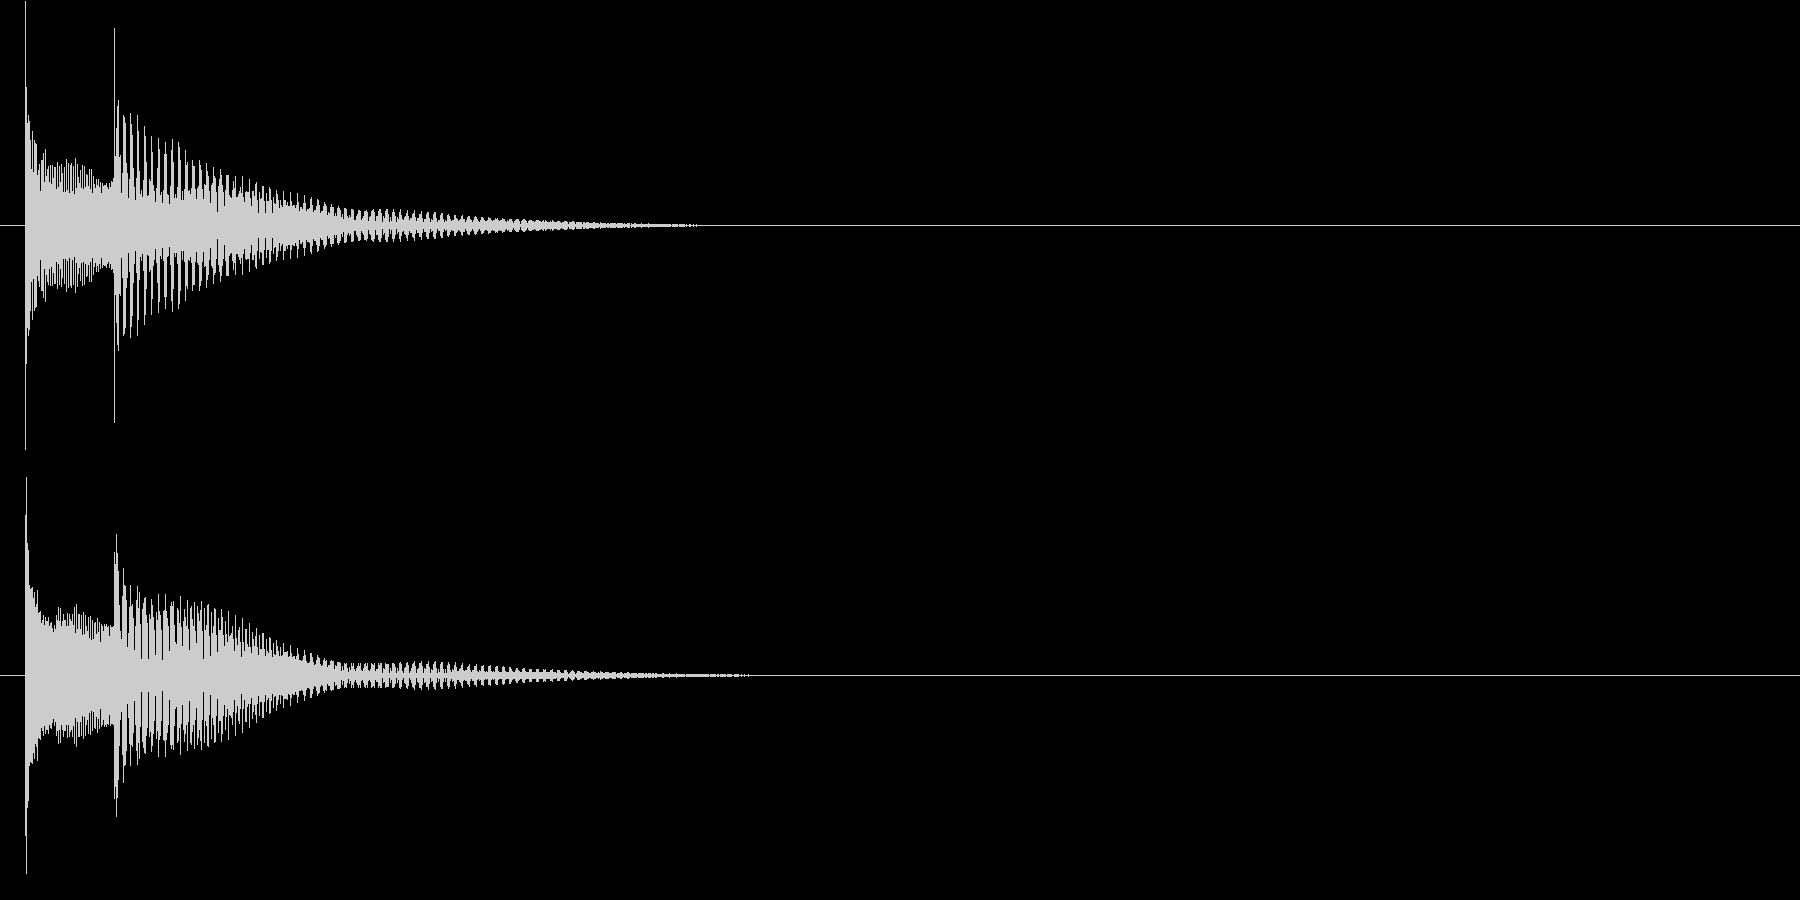 キャンセル音などに使えるピコン音の未再生の波形